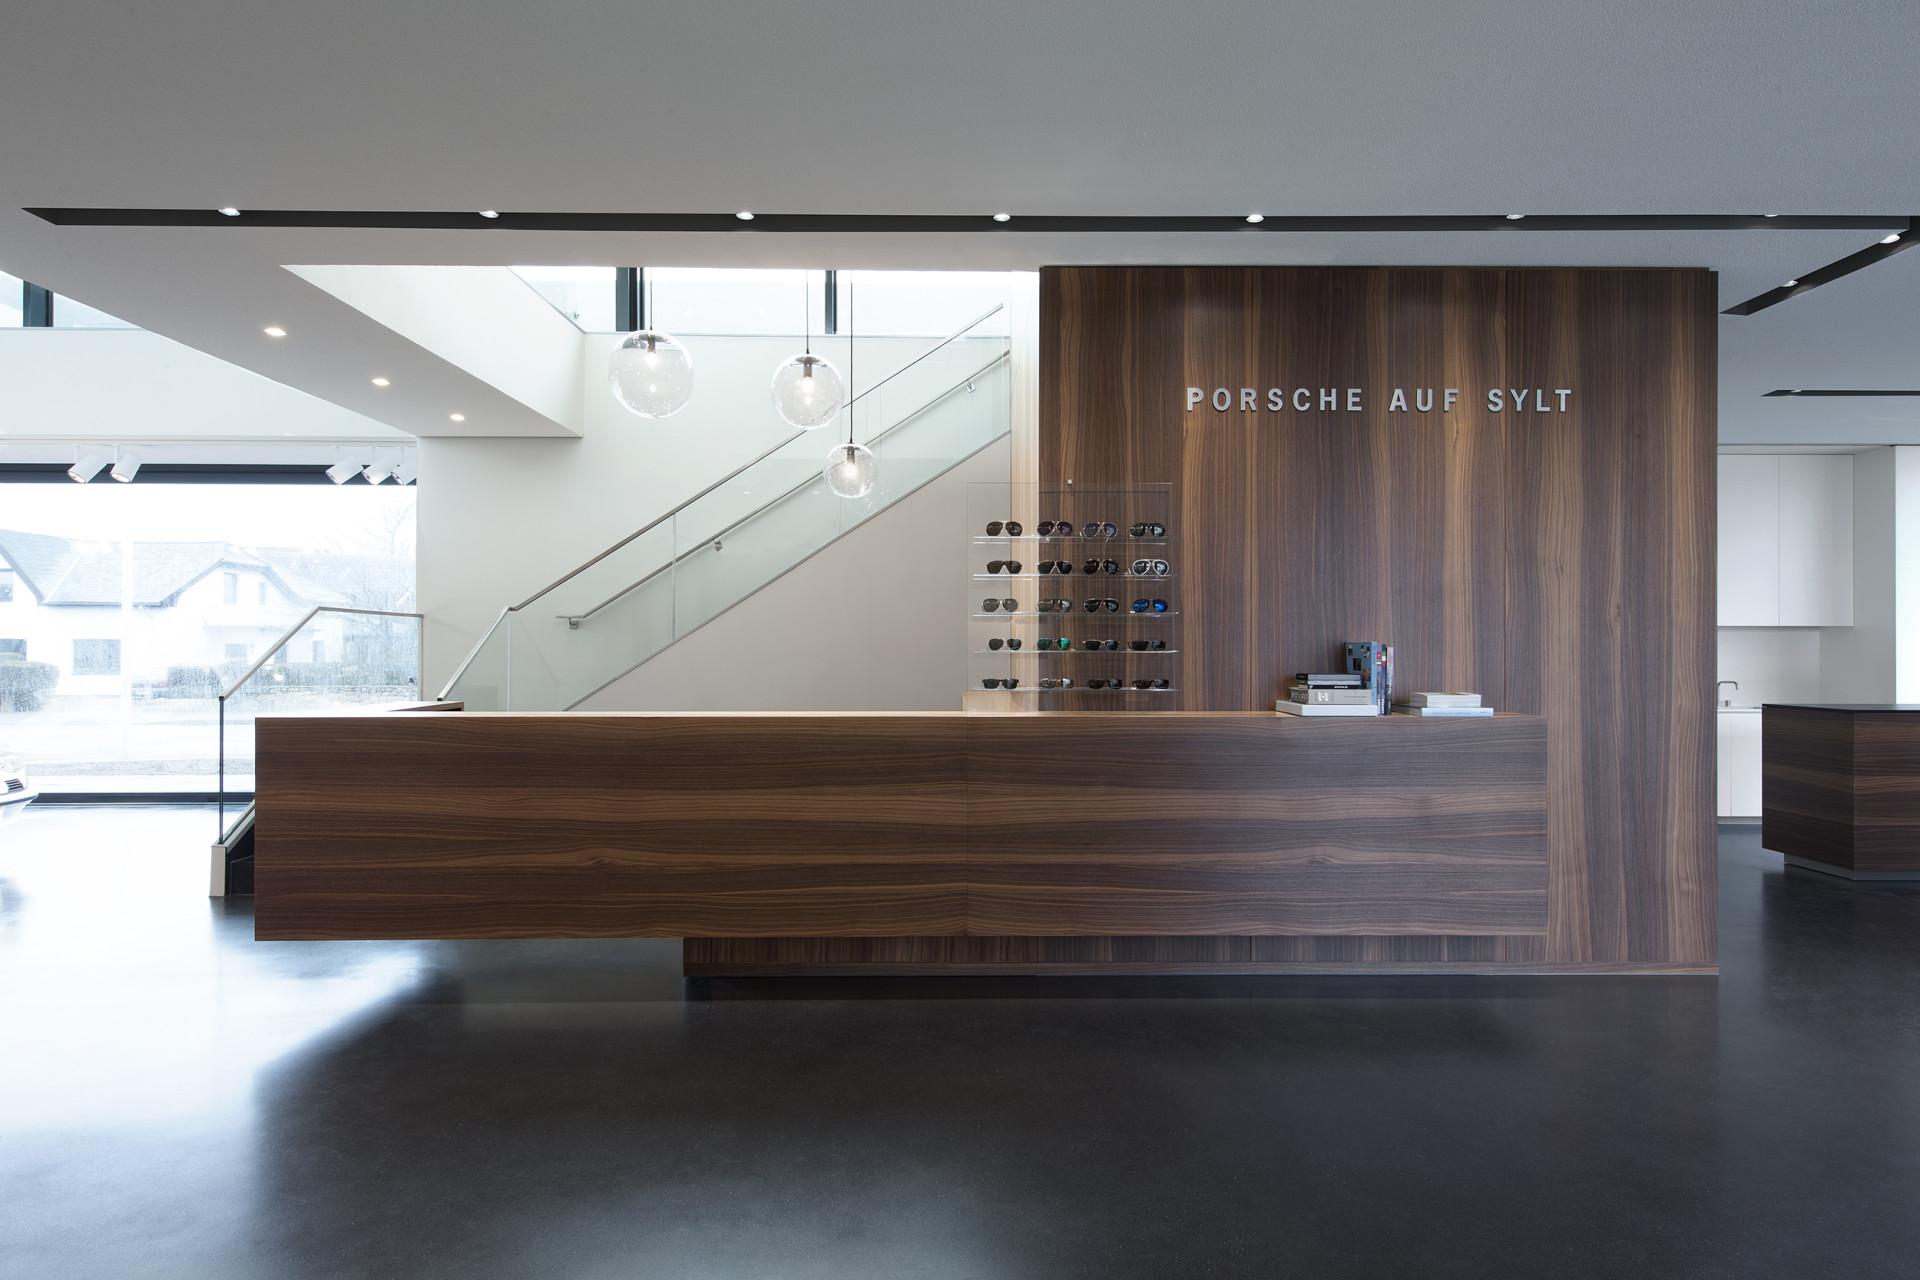 porsche auf sylt – innenarchitektur, corporate design, inszenierung, Innenarchitektur ideen